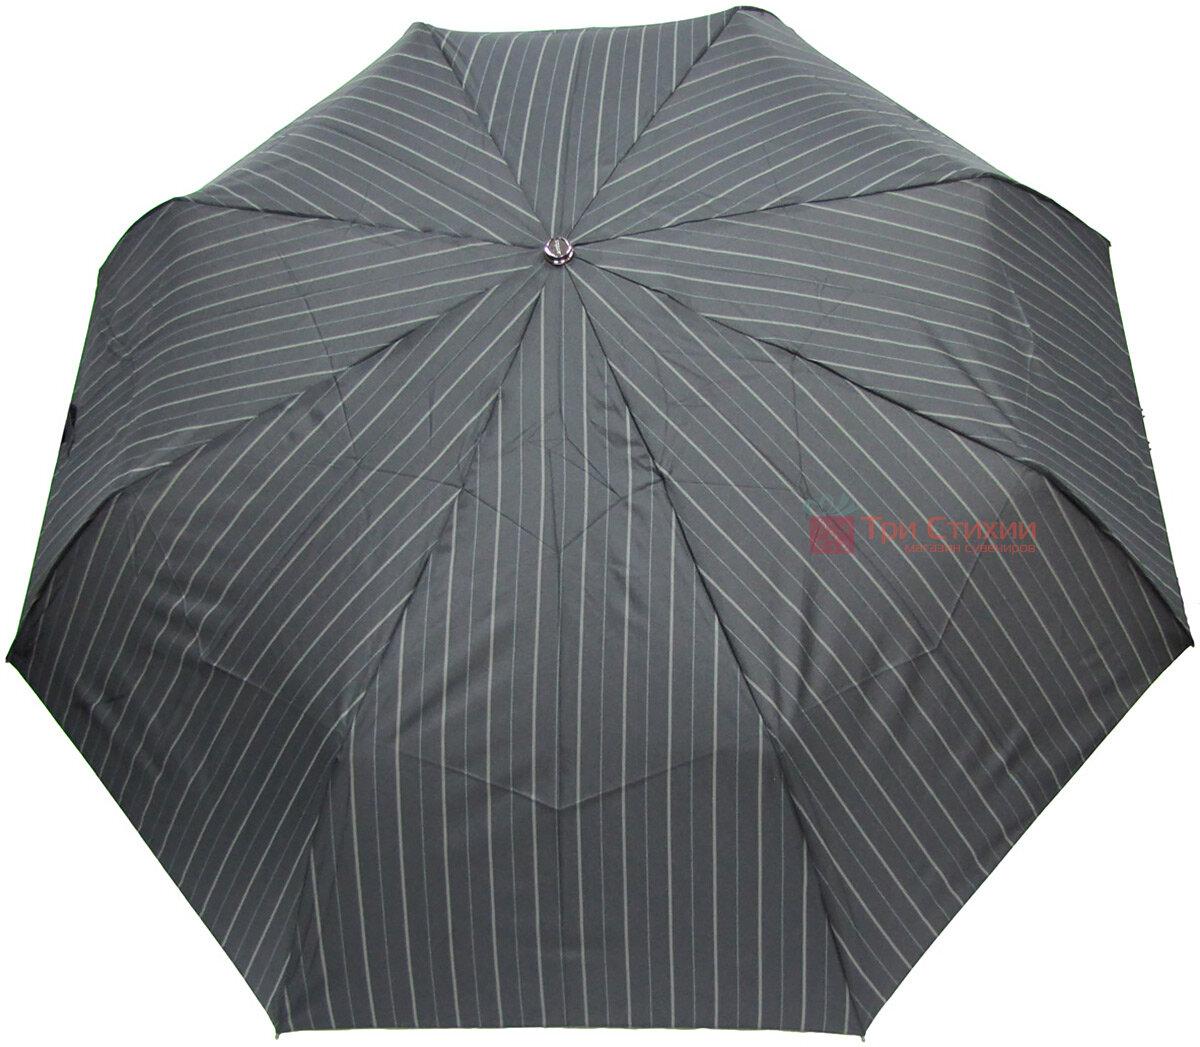 Зонт складной Doppler XM 74367N-4 полный автомат Широкая полоска, фото 3